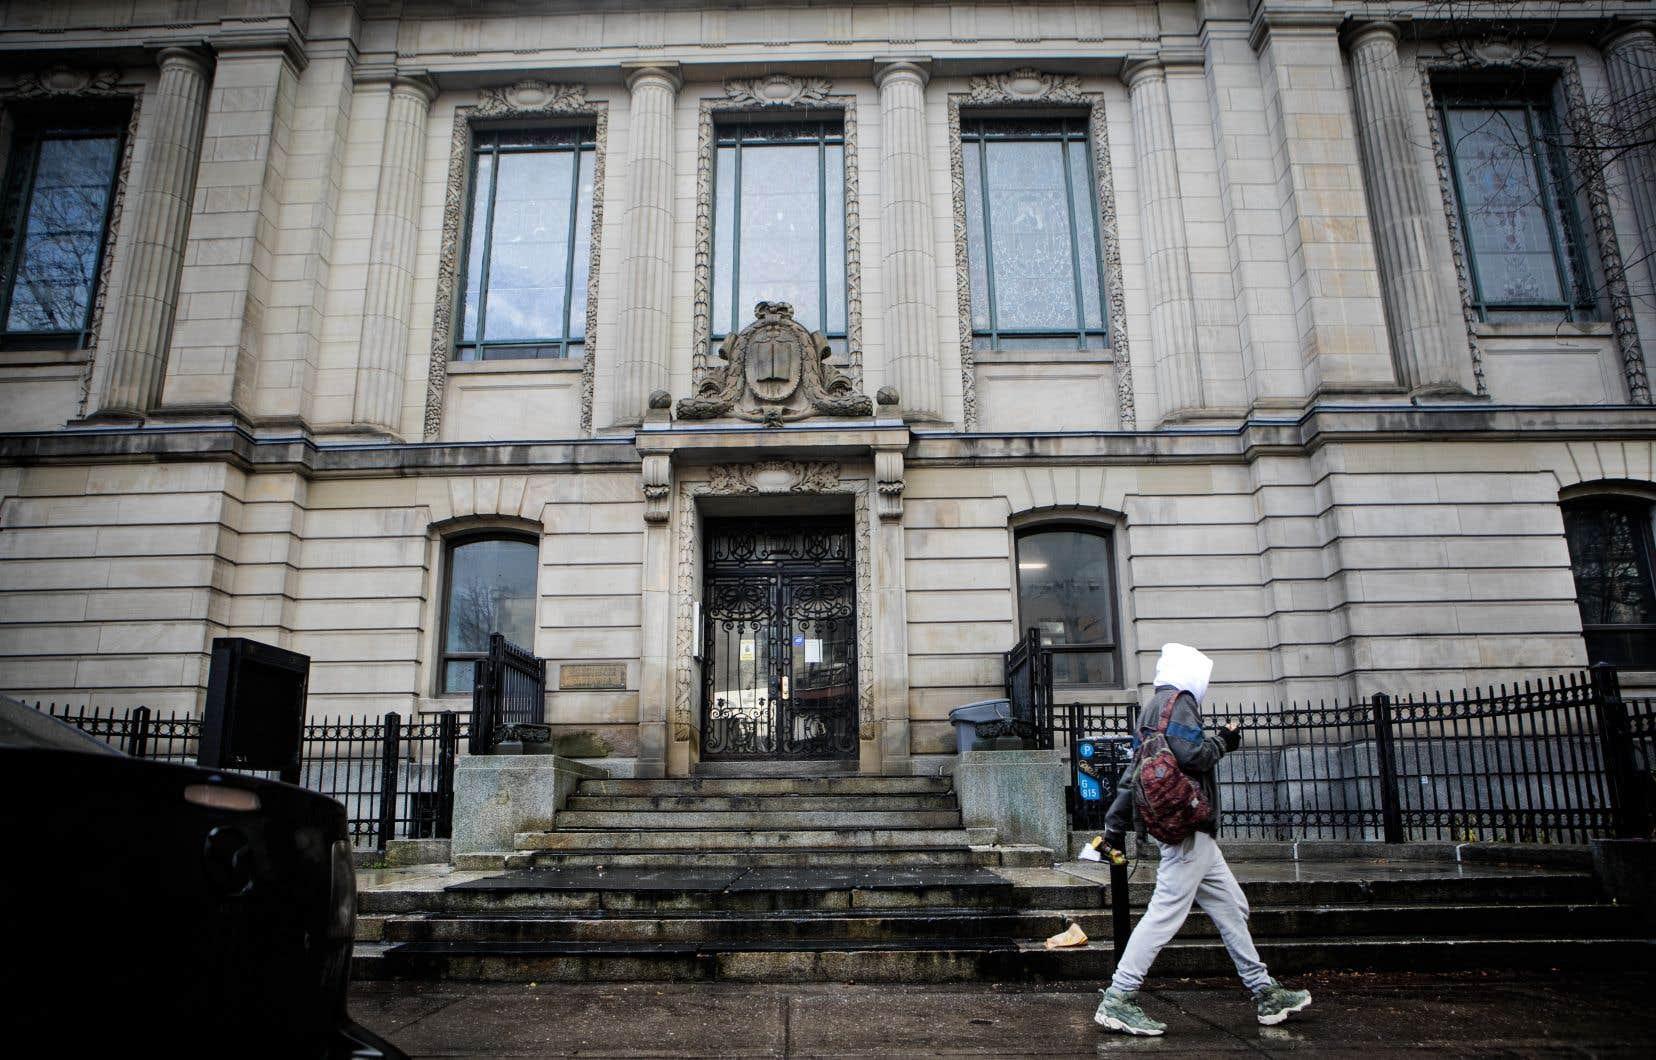 Construit en 1914 par l'architecte Eugène Payette, l'édifice de l'ancienne bibliothèque Saint-Sulpice, rue Saint-Denis, à Montréal, a été classé bien patrimonial en 1988.